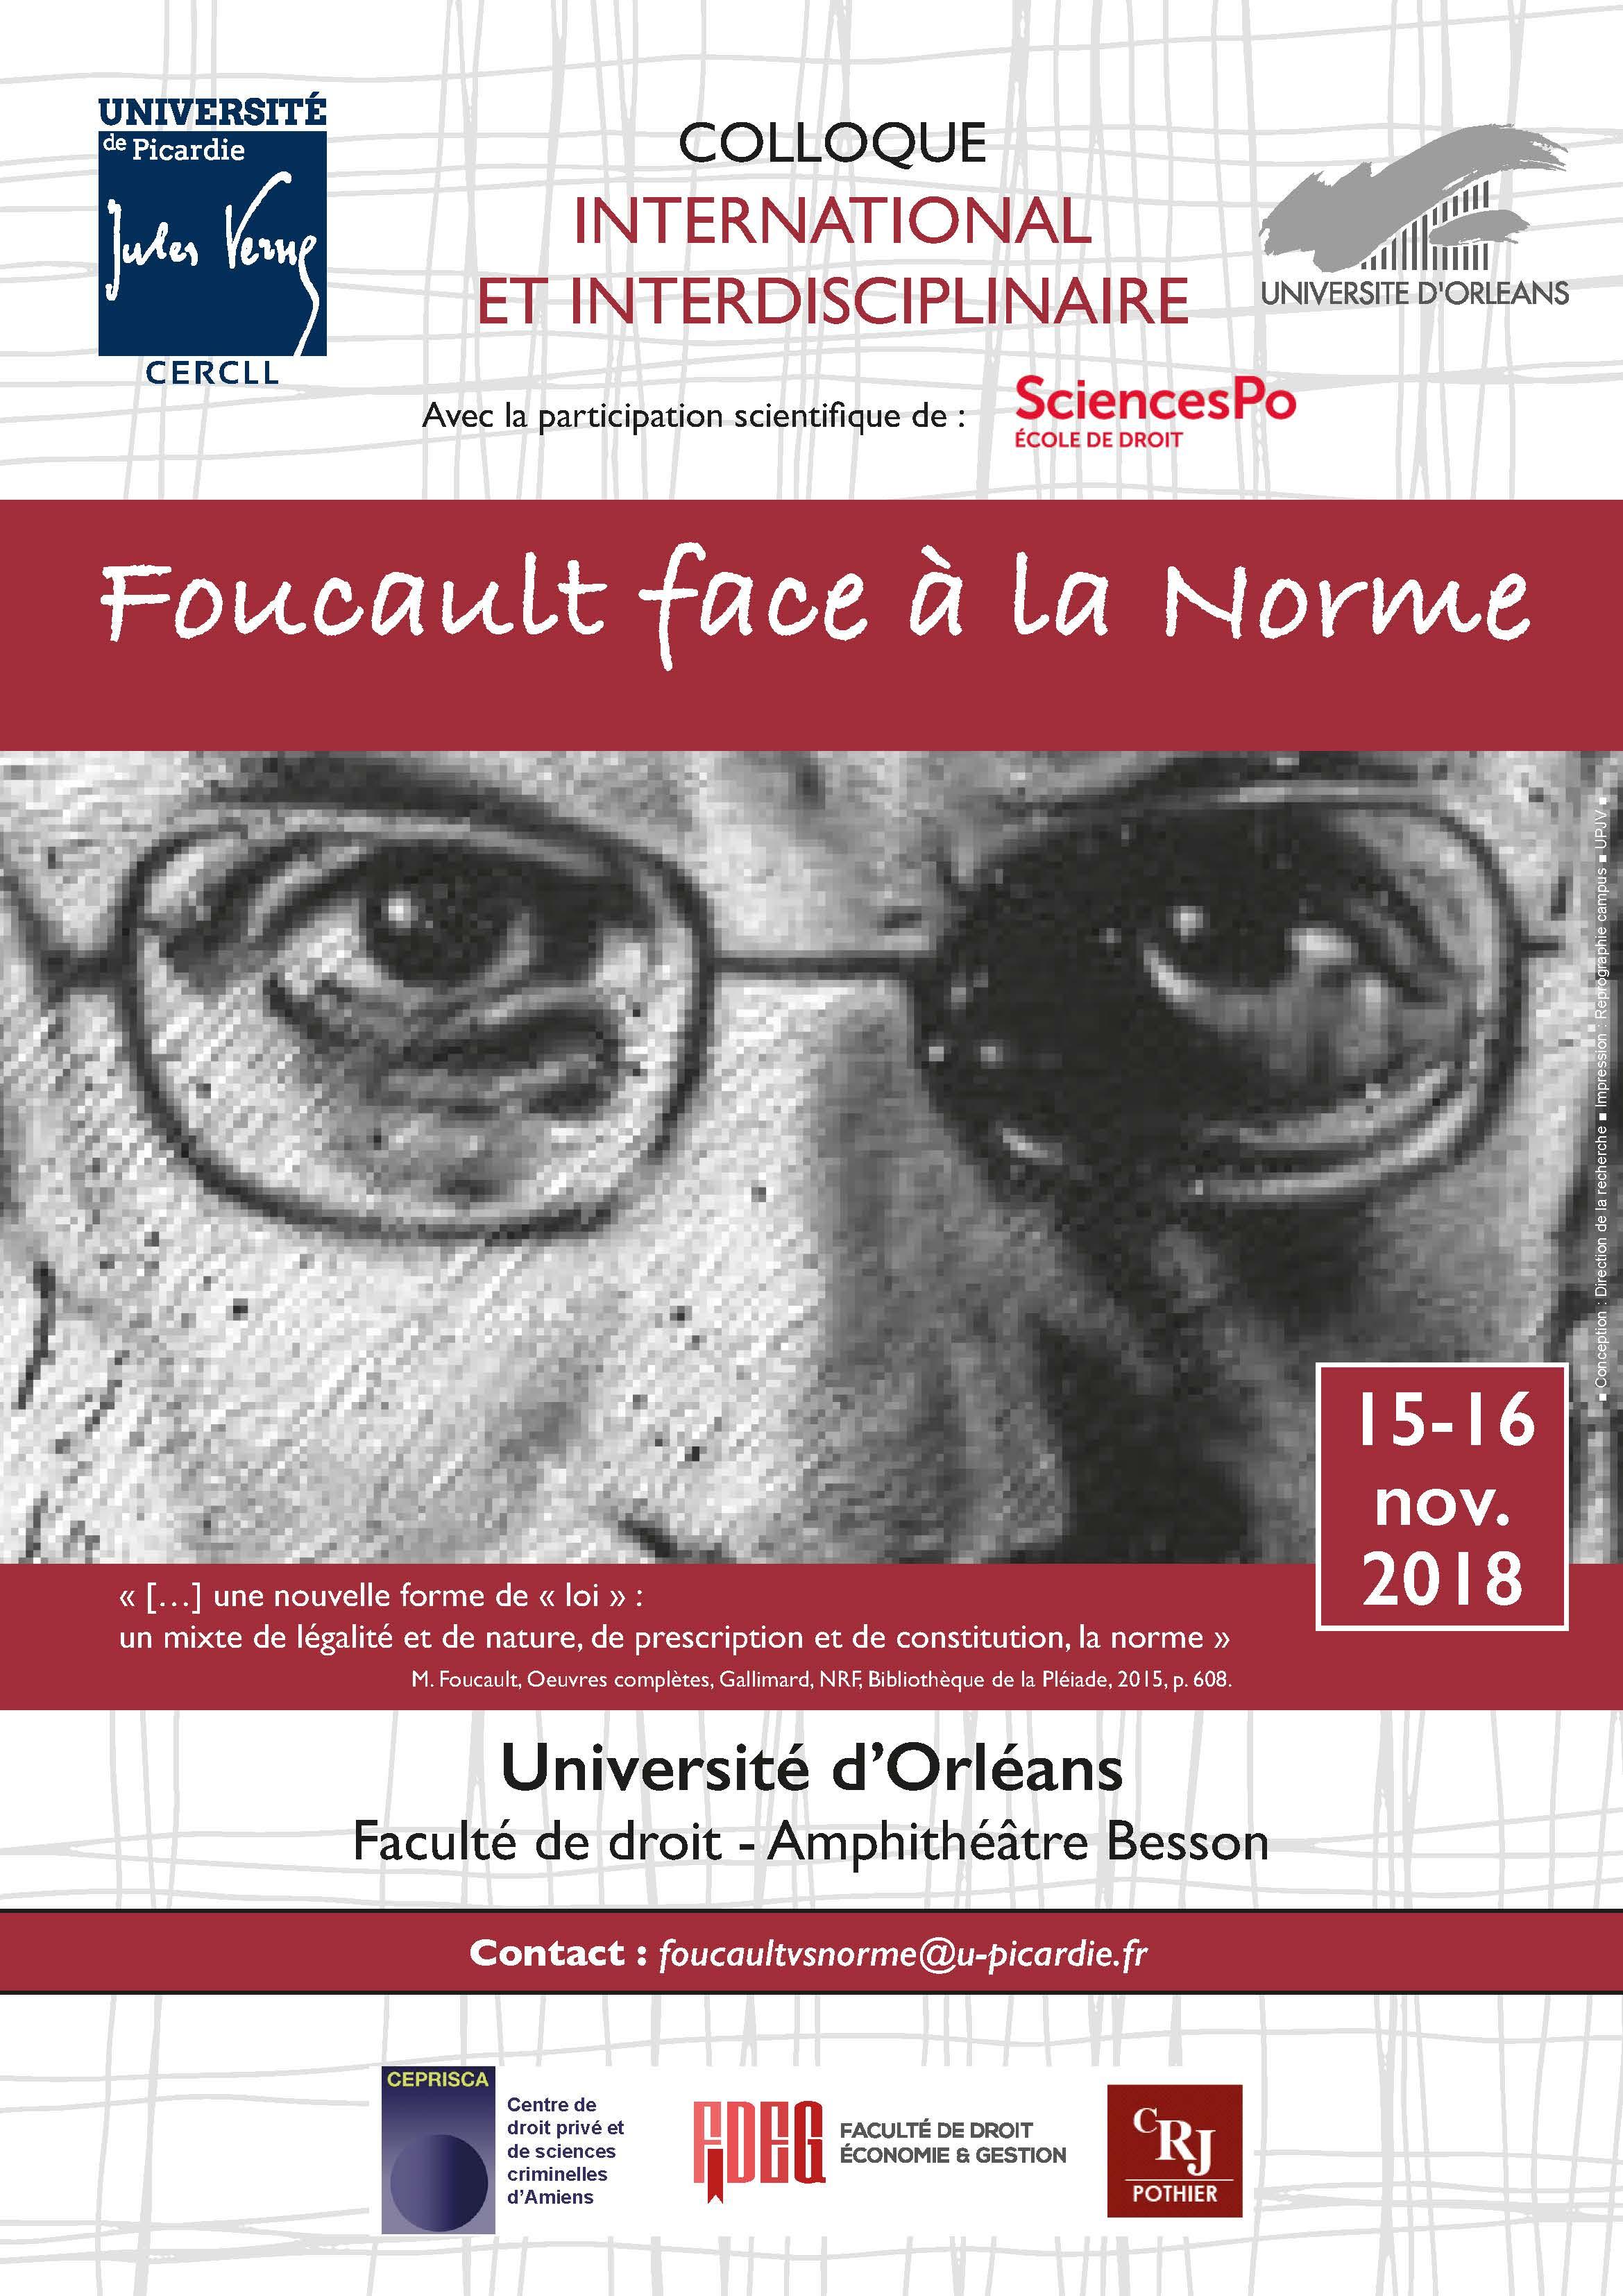 Affiche Foucault